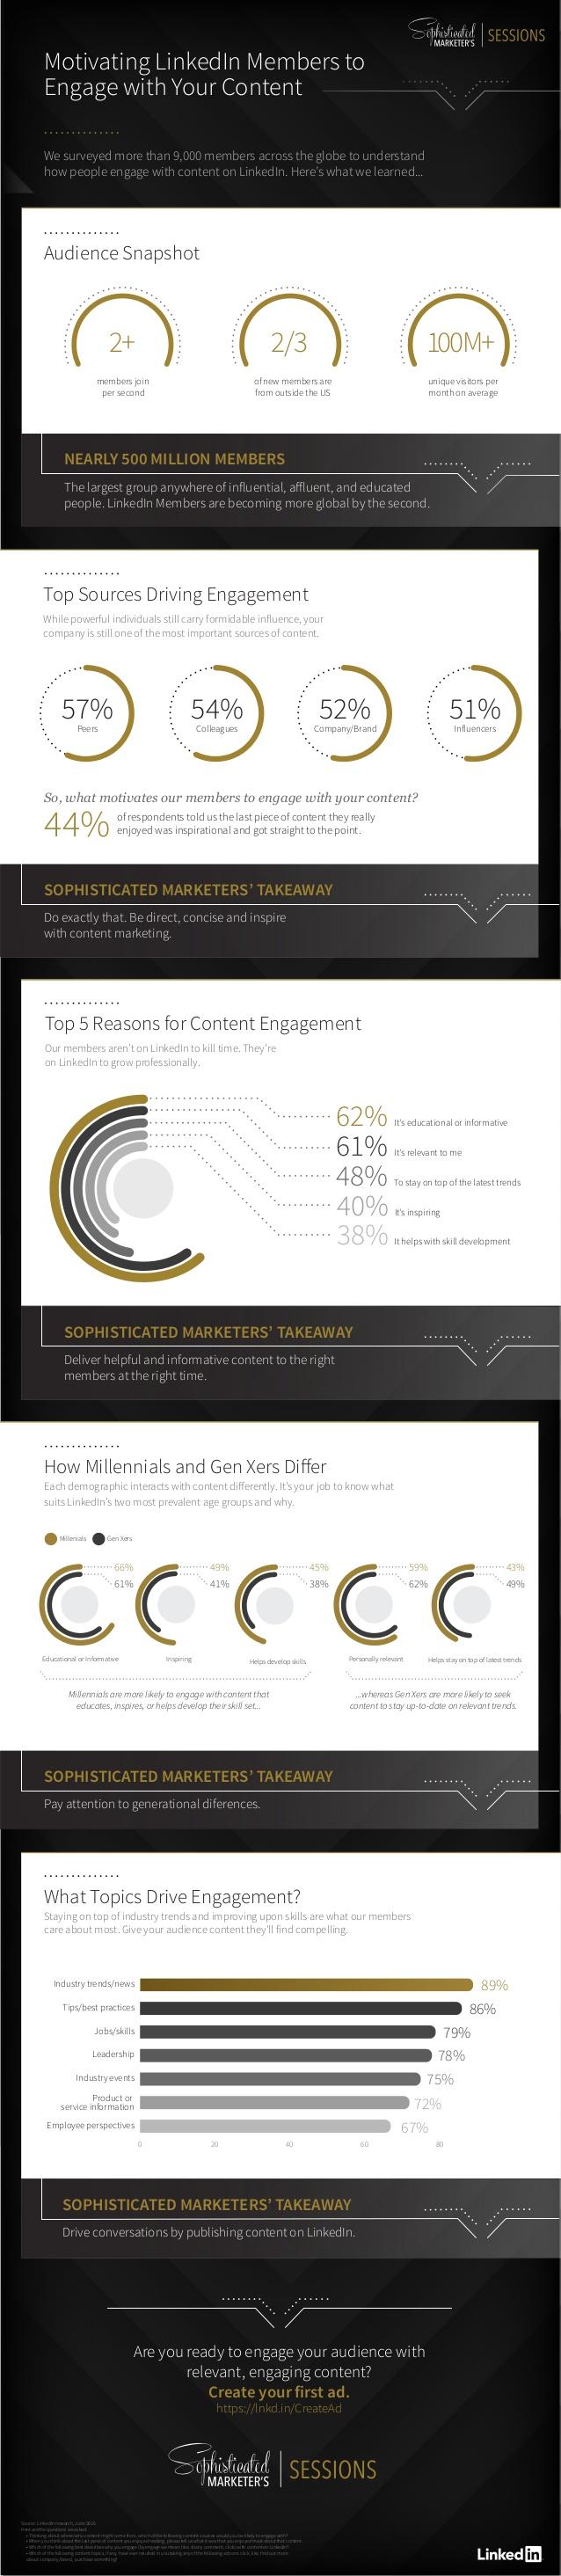 LinkedIn svela in un'infografica i dati sui livelli di engagement e i tipi di contenuti preferiti dagli utenti